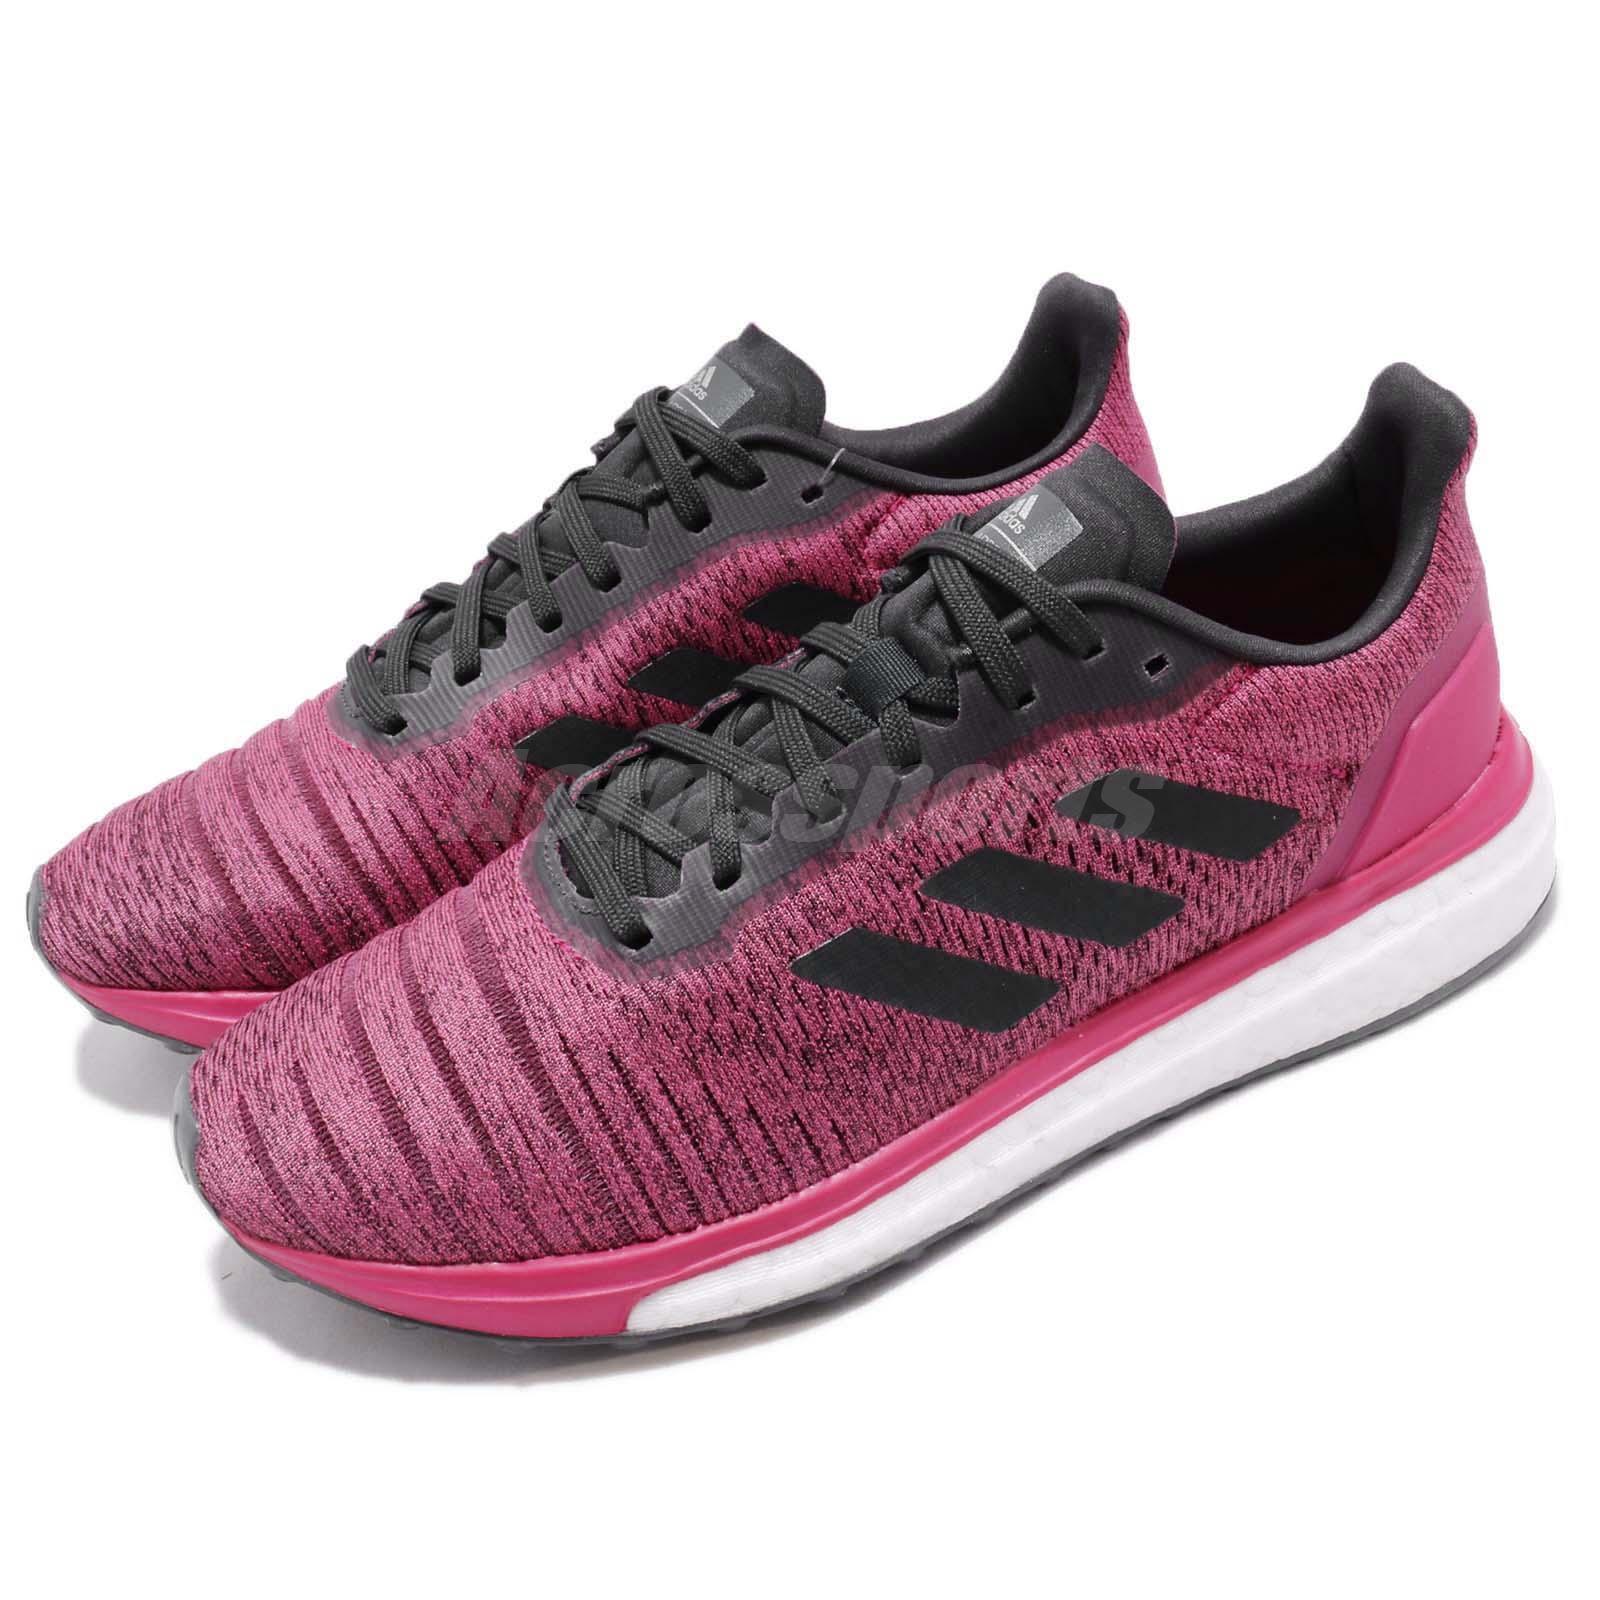 Adidas Solar Unidad W Boost Real Magenta De Cochebono Para mujeres Tenis Zapato de correr AQ0339